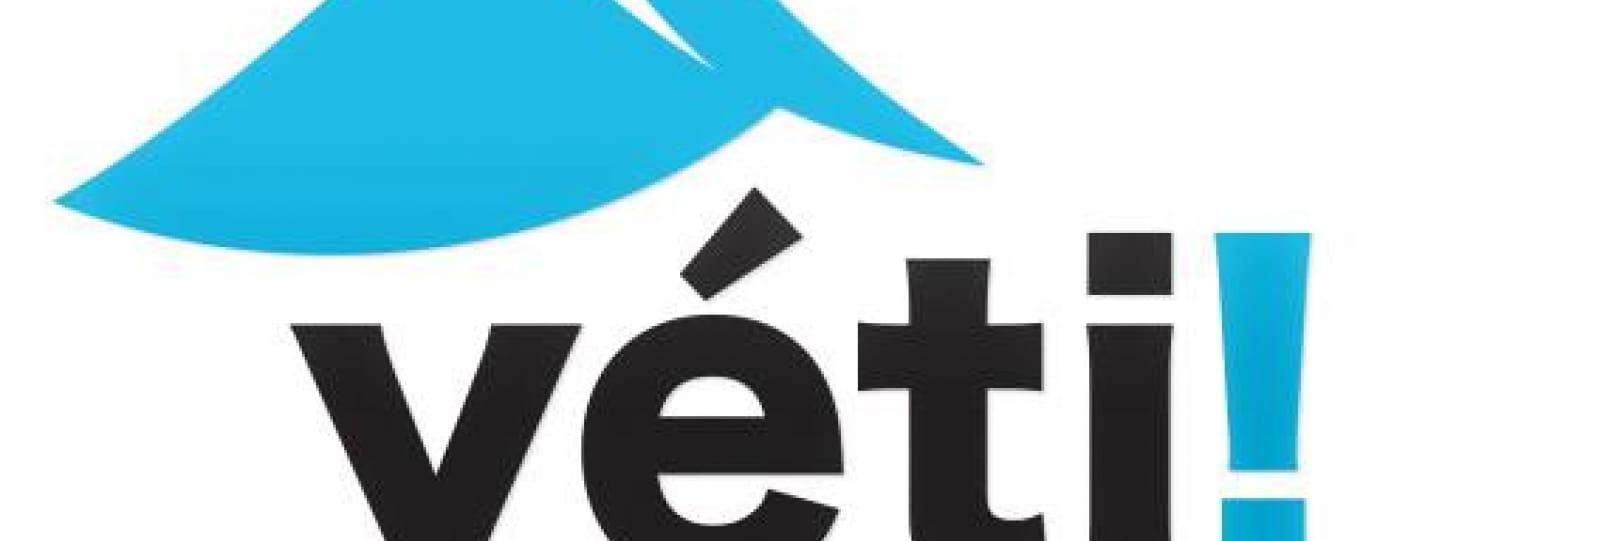 Ski rental with Yéti ! Bike, Sport & Mountain